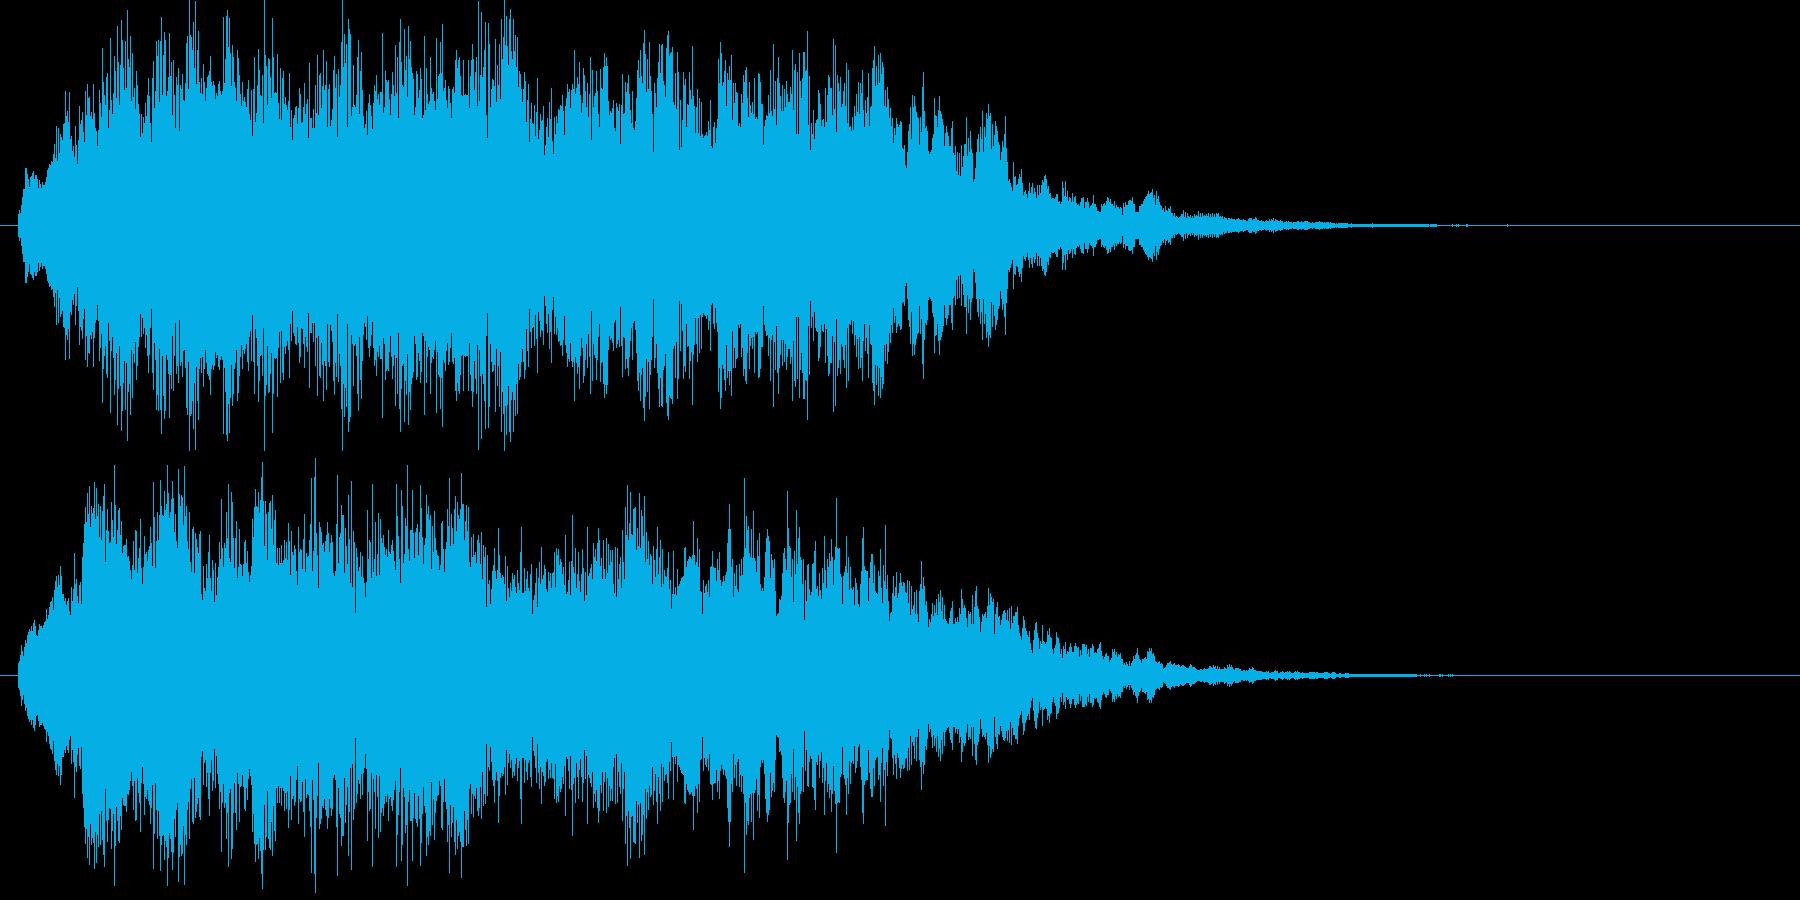 キラキラ↑上昇フレーズ 不思議の再生済みの波形